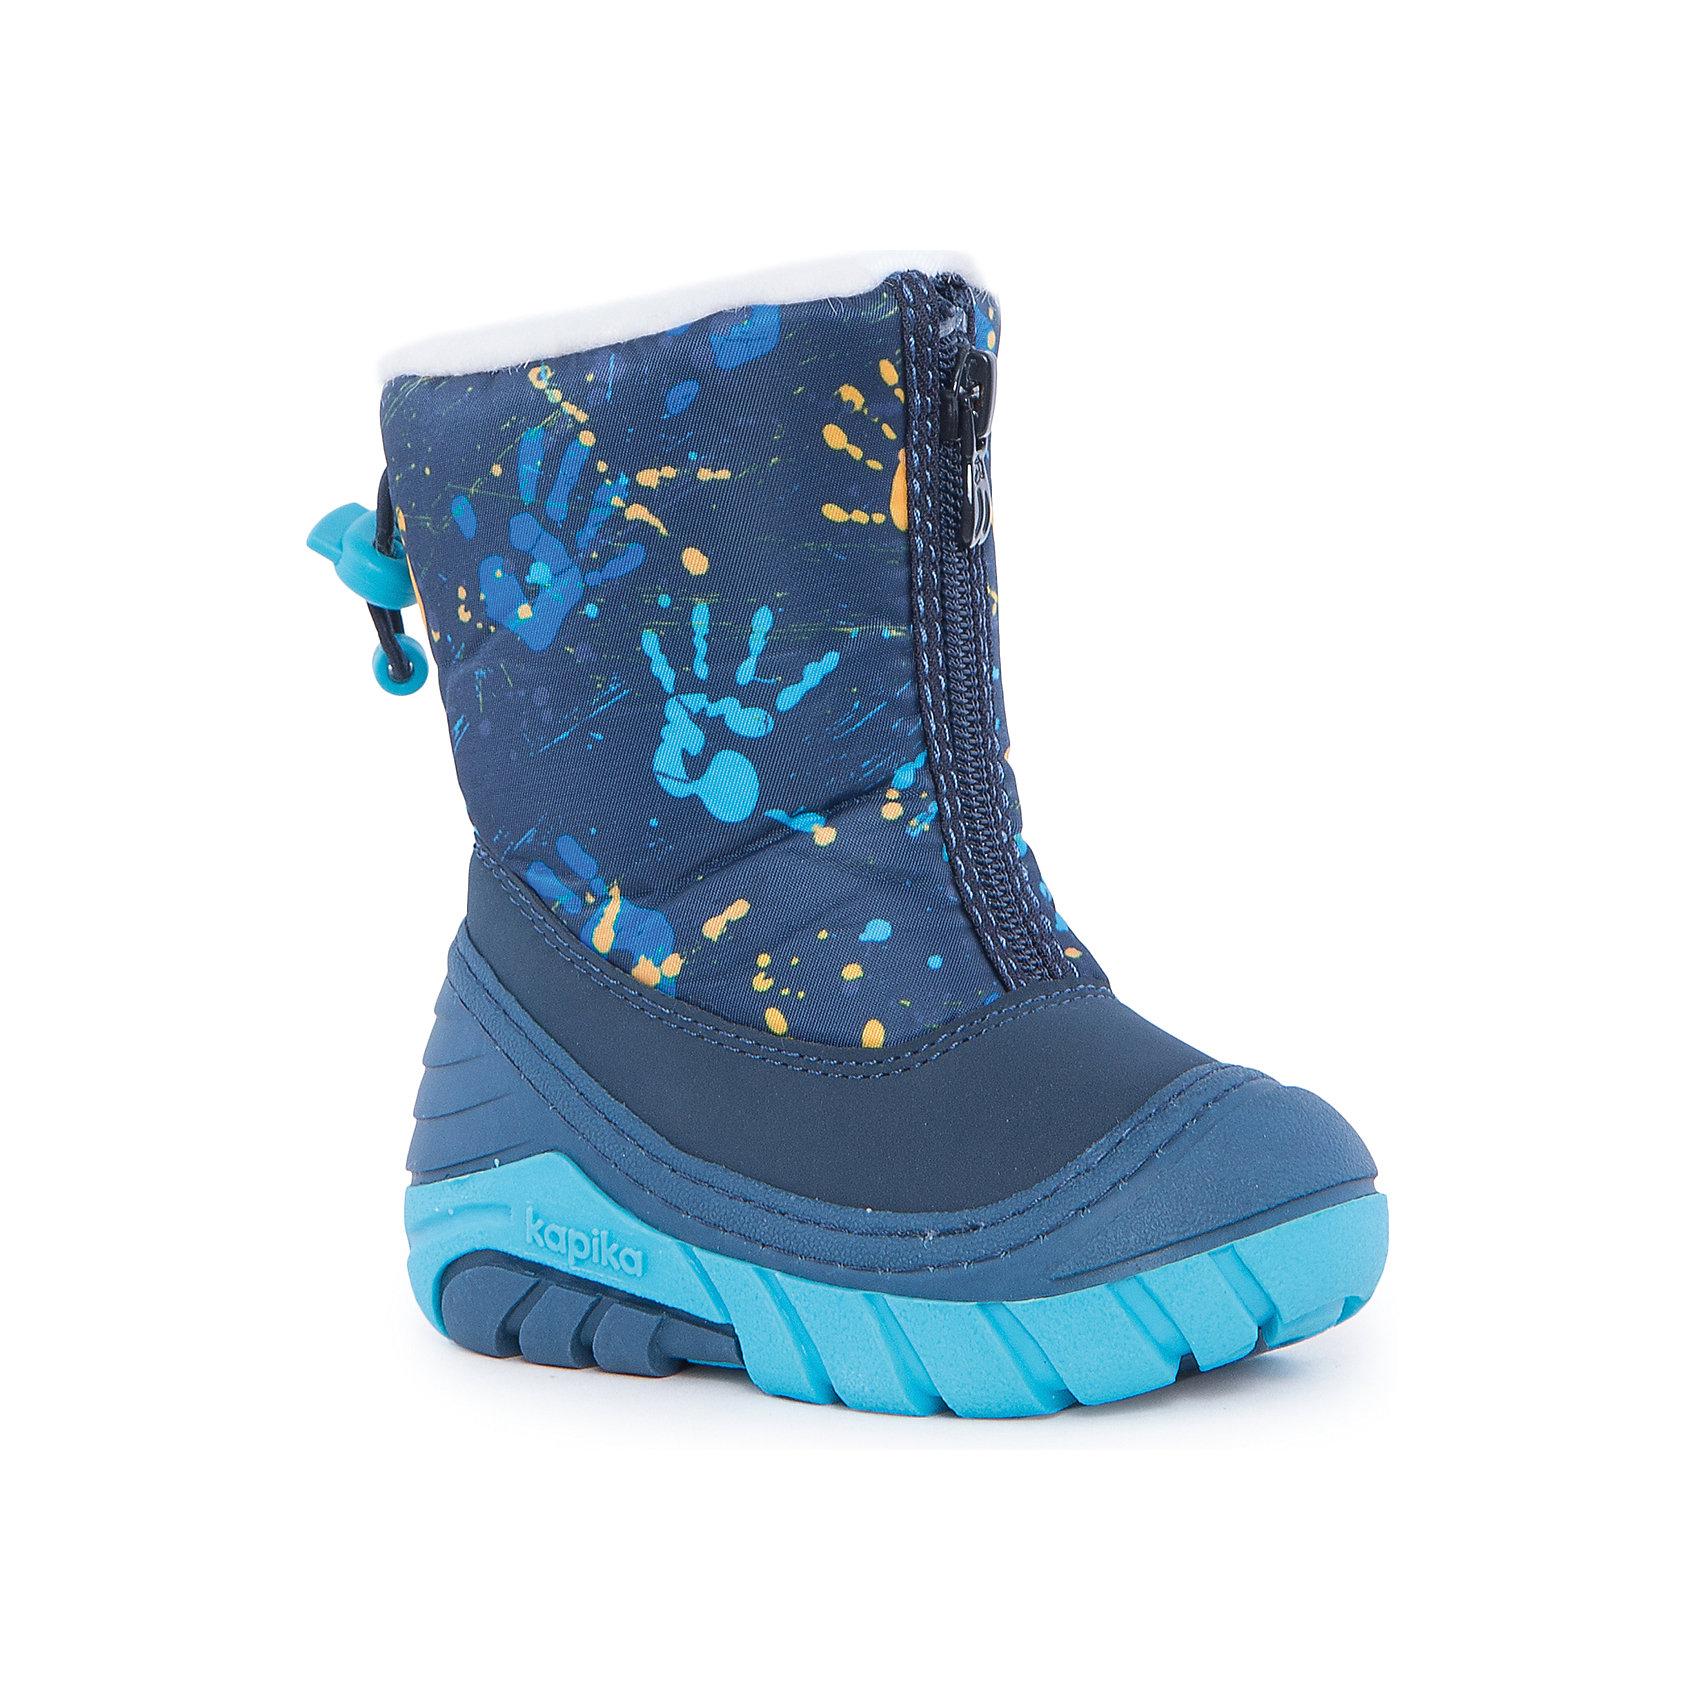 Полусапоги для мальчика KAPIKAПолусапоги для мальчика KAPIKA.<br><br>Температурный режим: до -20 градусов. Степень утепления – средняя. <br><br>* Температурный режим указан приблизительно — необходимо, прежде всего, ориентироваться на ощущения ребенка. <br><br>Сапоги-дутики защитят ноги малыша от снега и дождя. Благодаря теплому меху внутри их можно носить даже в очень холодную погоду. Подошва сделана с противоскользящим эффектом. Сапоги имеют форму цельного валенка, вклеенного в сапоги-галоши. Это дает дополнительную защиту от влаги и холода. Застегиваются на молнию спереди.<br><br>Дополнительная информация:<br><br>- материал верха: искусственная кожа, текстиль<br>- материал подкладки: 80% шерсть, 20% искусственный мех<br><br>Полусапоги для мальчика KAPIKA можно купить в нашем интернет магазине.<br><br>Ширина мм: 257<br>Глубина мм: 180<br>Высота мм: 130<br>Вес г: 420<br>Цвет: синий<br>Возраст от месяцев: 9<br>Возраст до месяцев: 12<br>Пол: Мужской<br>Возраст: Детский<br>Размер: 19,24,23,22,21,20<br>SKU: 4988198